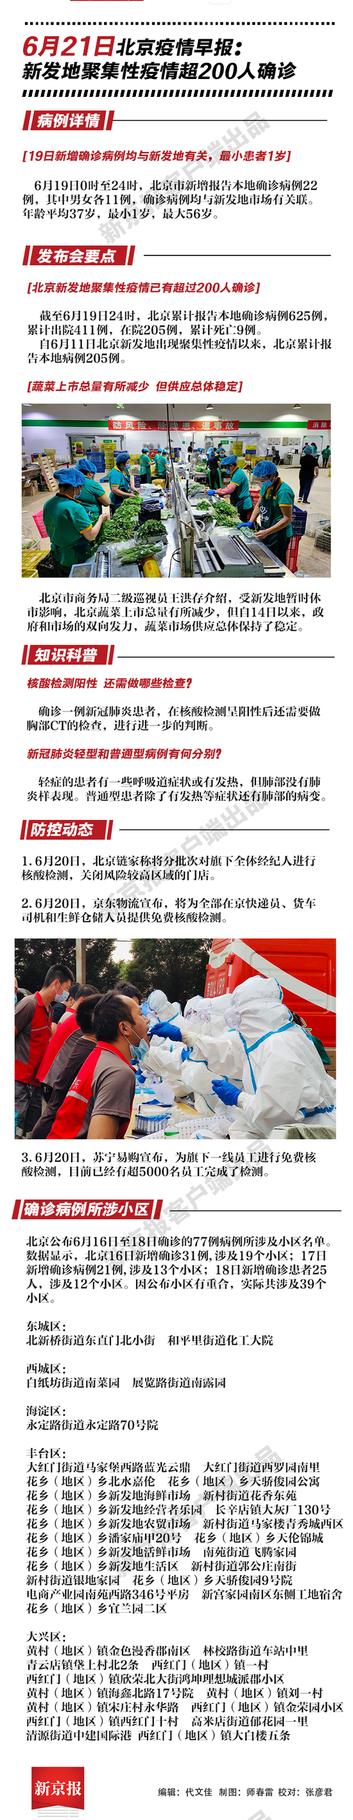 百事2平台一图速览百事2平台│6月21日北京疫图片